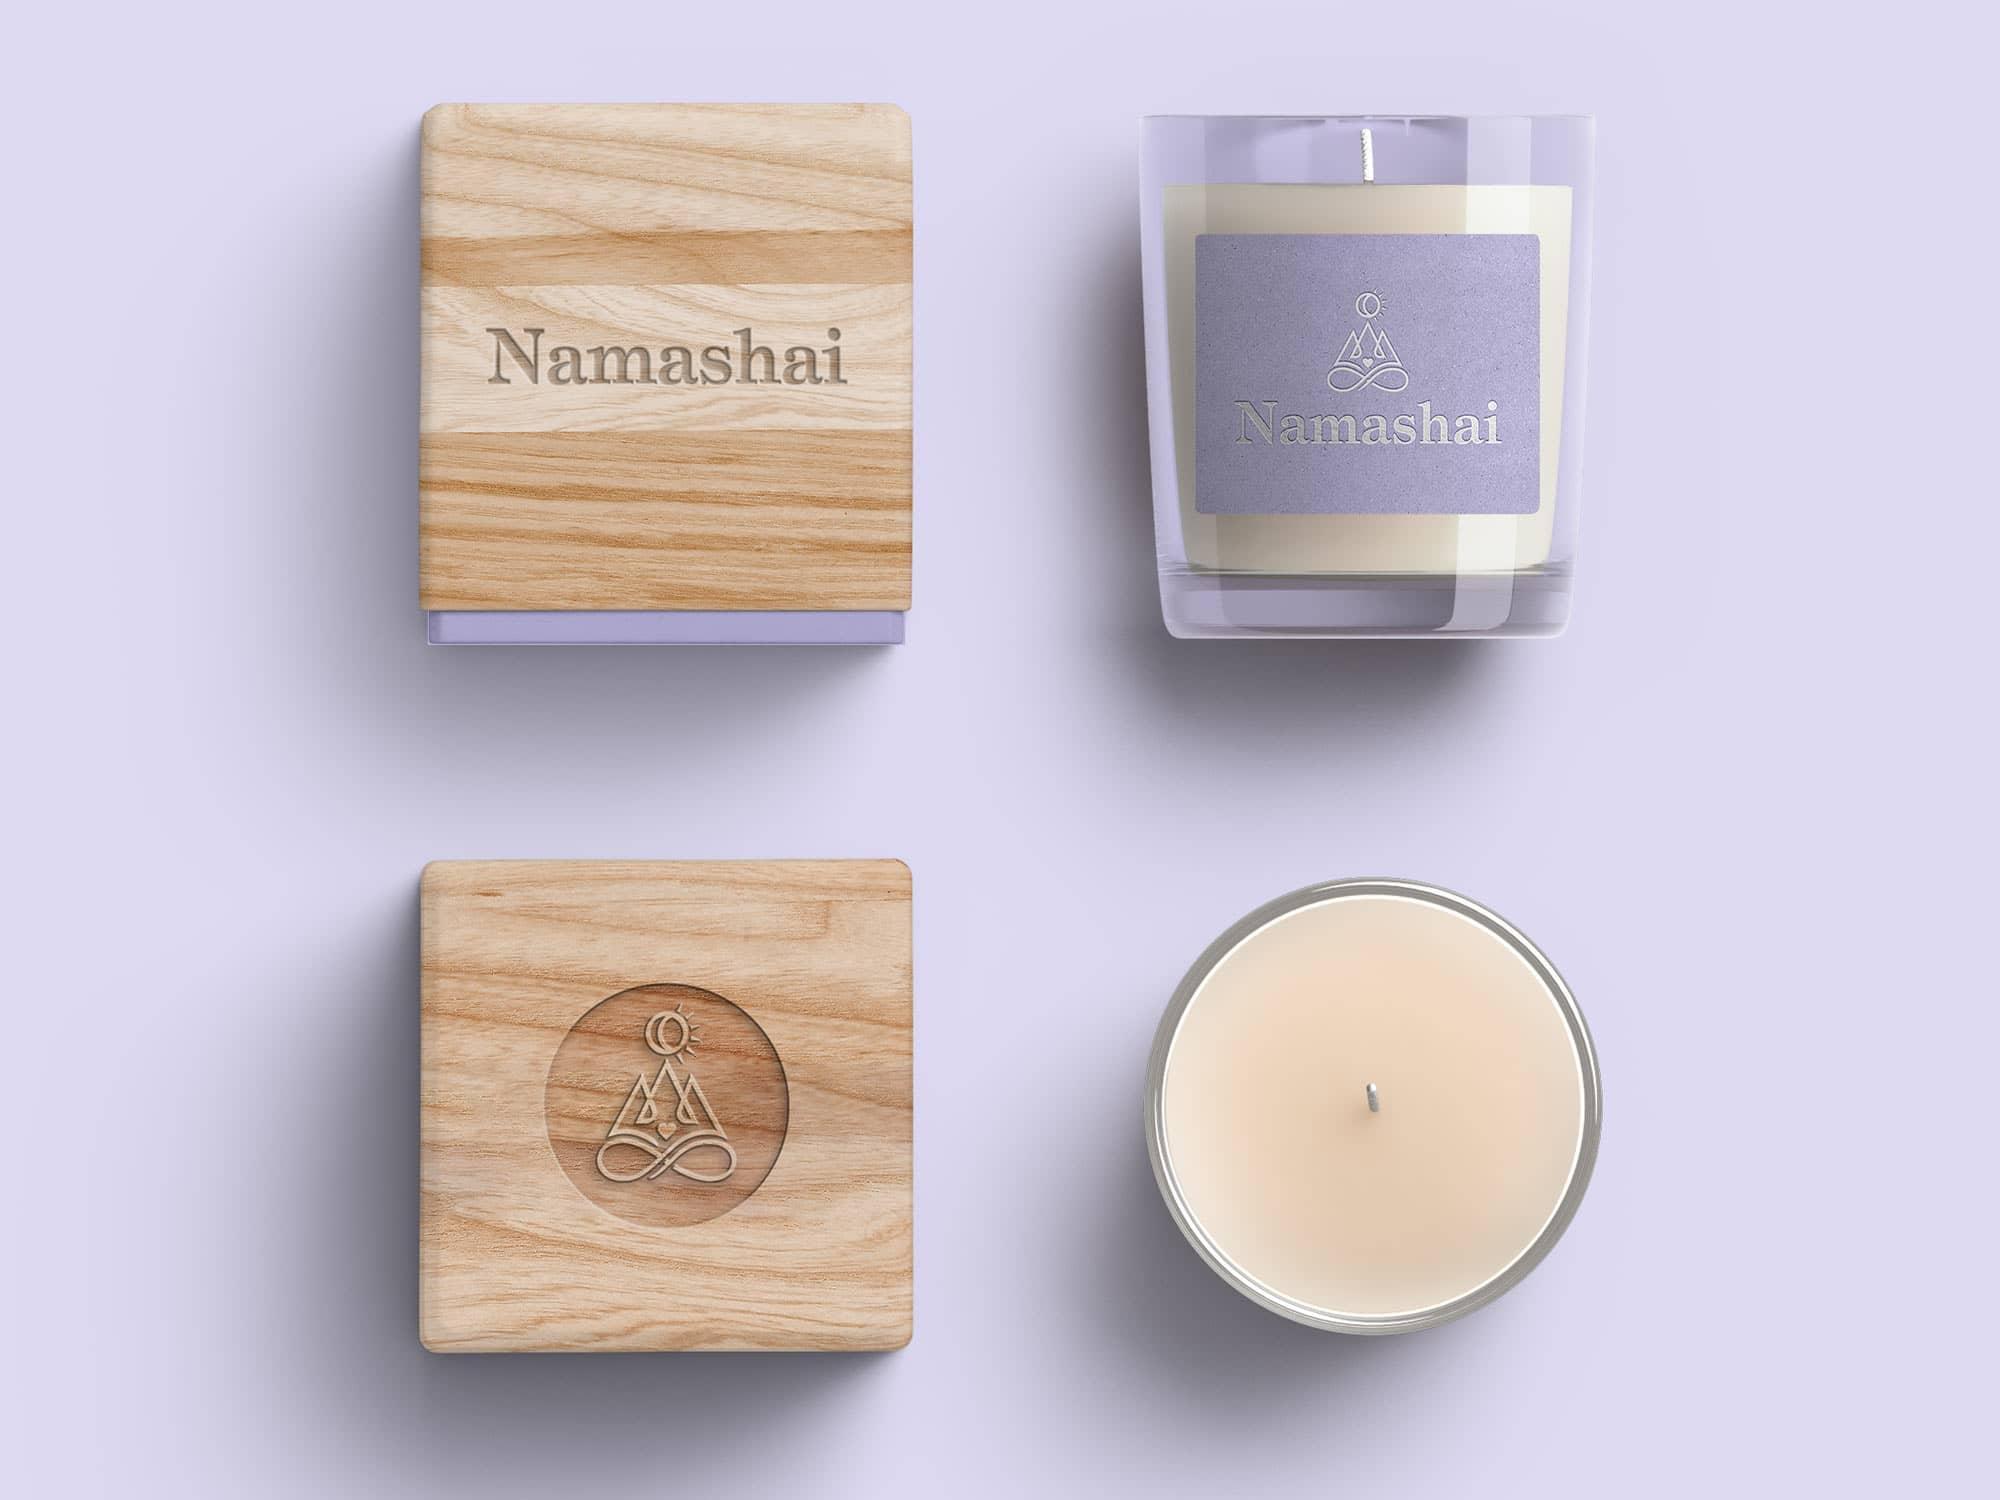 Yoga Studio Branding: Yoga branded wooden candle